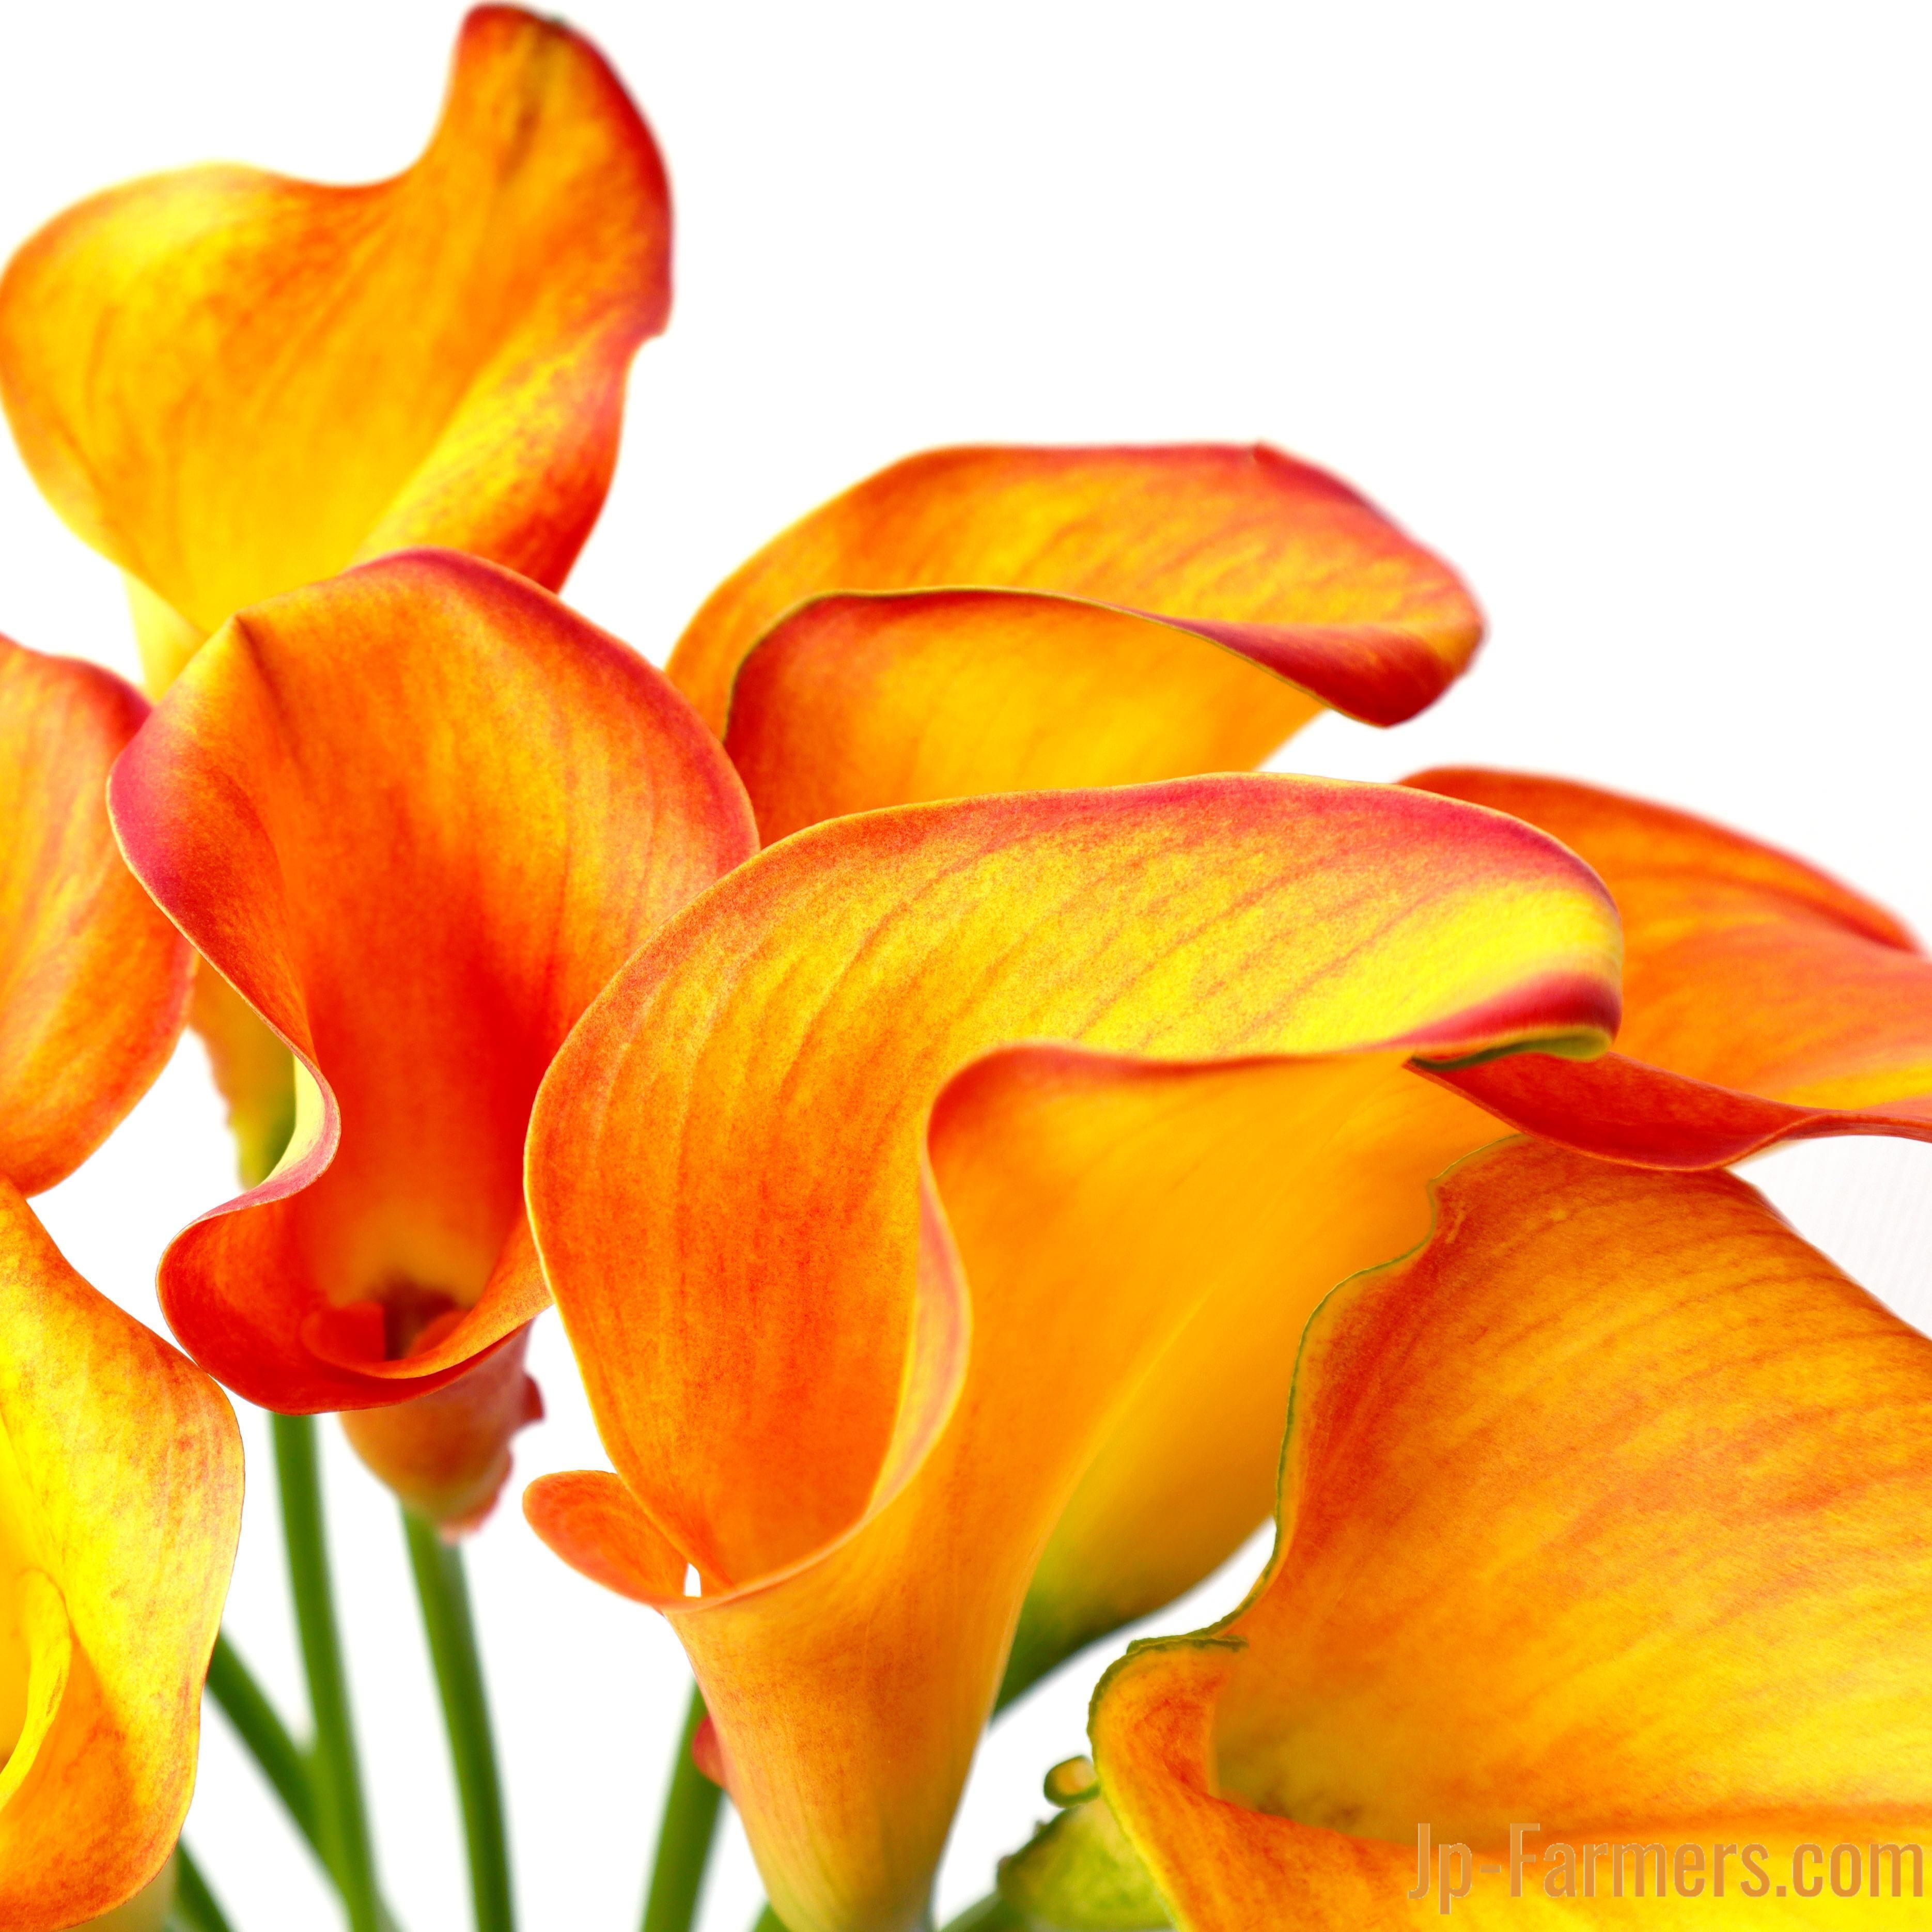 フラワースピリット カラーオレンジ 20本 のご紹介。